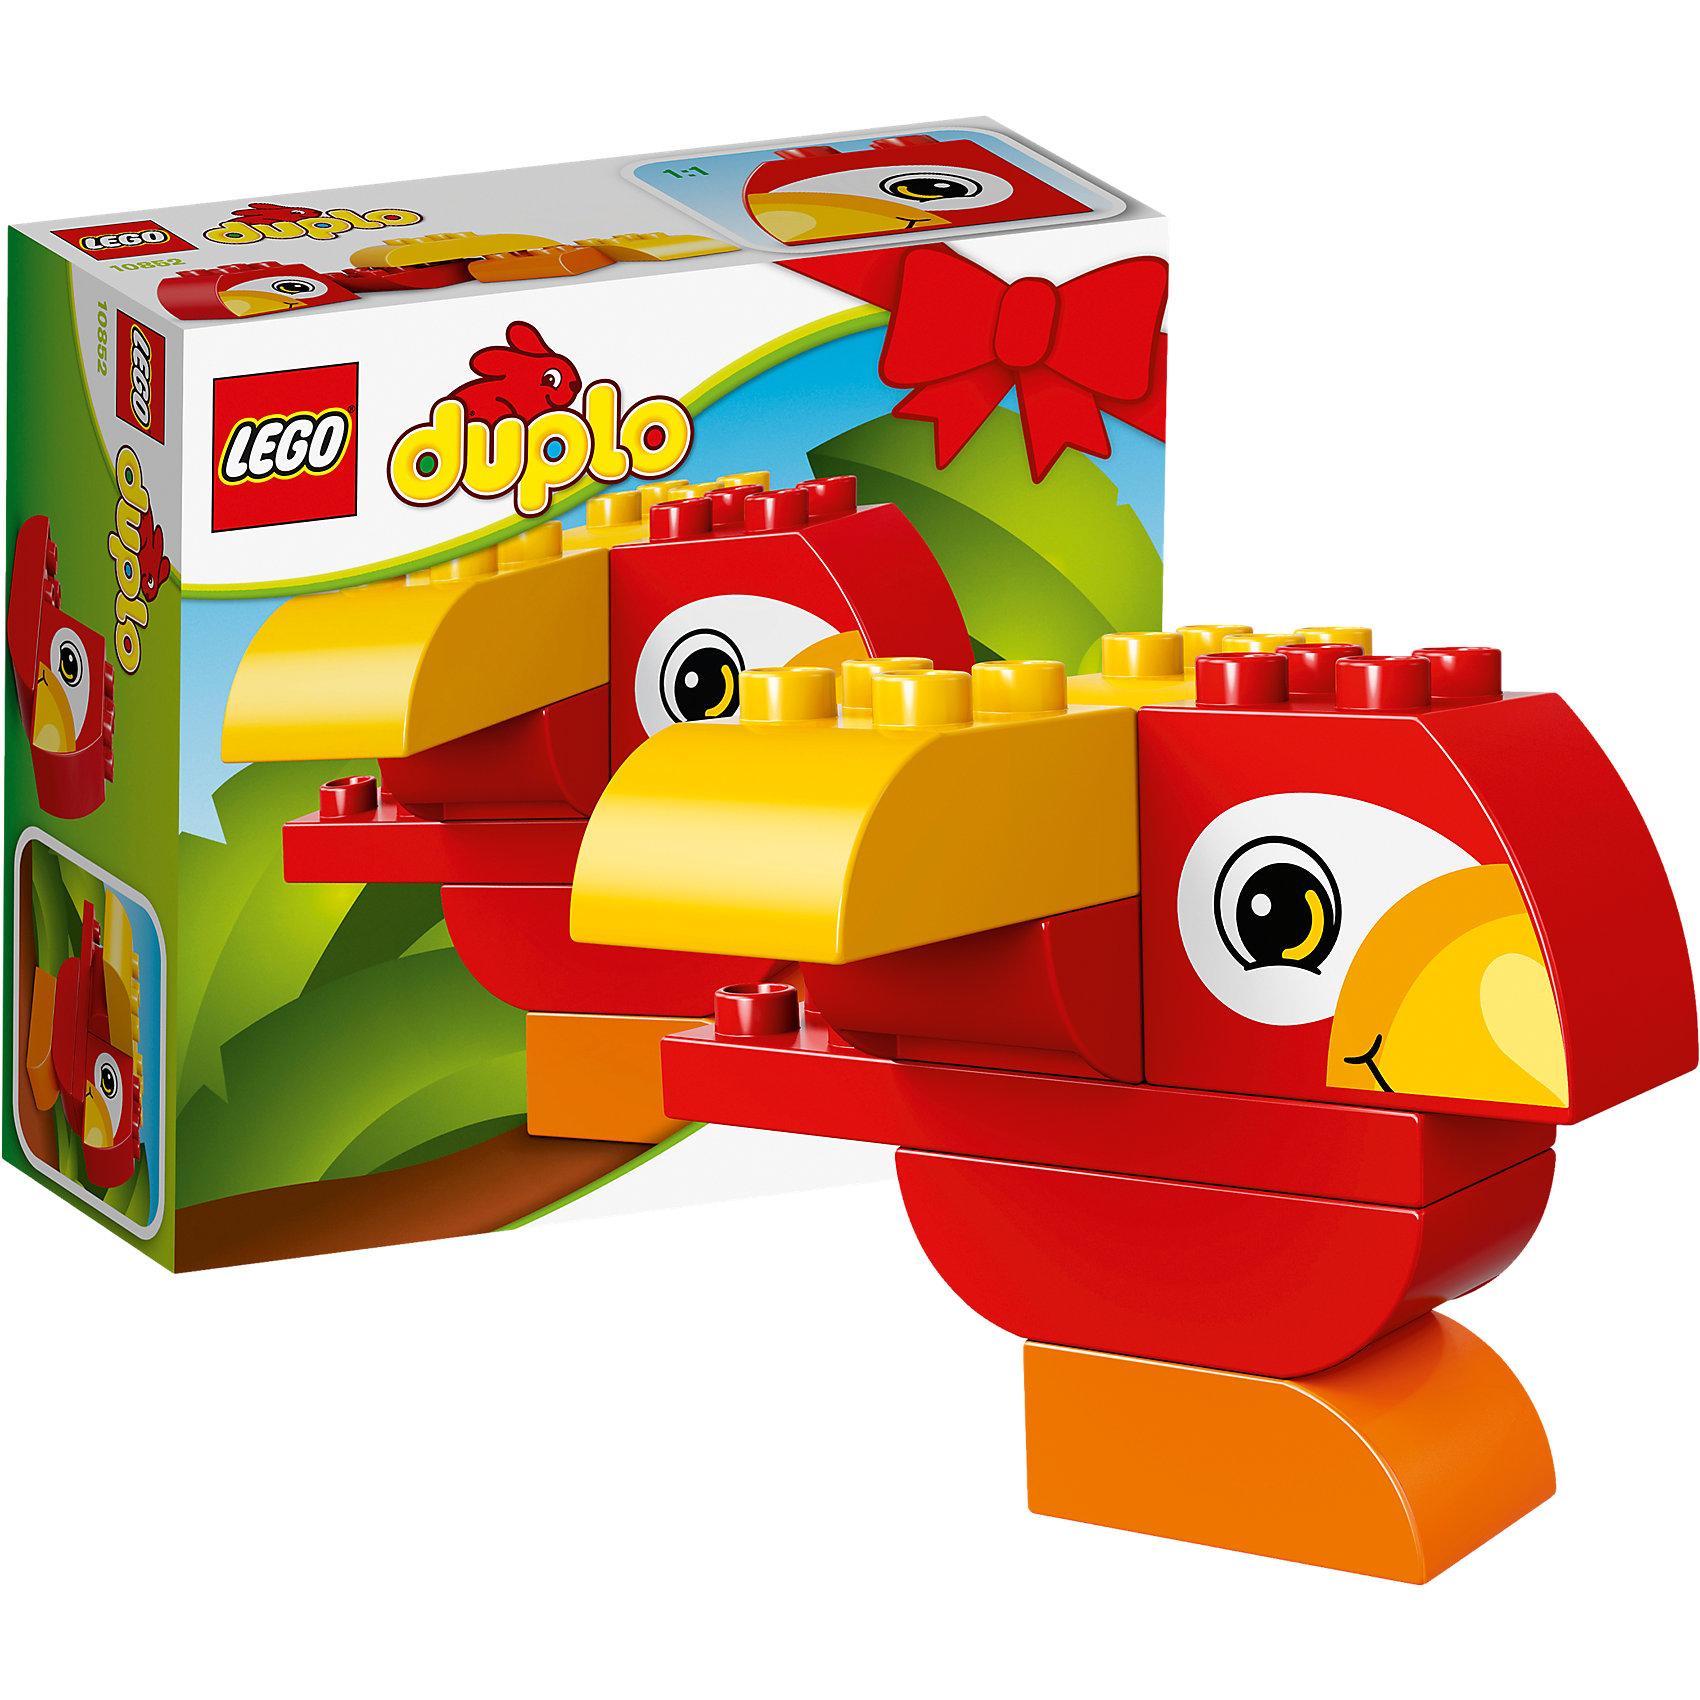 LEGO DUPLO 10852: Моя первая птичкаКонструкторы Лего<br>LEGO DUPLO 10852: Моя первая птичка<br><br>Характеристики:<br><br>- в набор входит: детали птички, инструкция<br>- состав: пластик<br>- количество деталей: 7<br>- размер коробки: 15 * 1,5 * 6 см.<br>- для детей в возрасте: от 1,5 до 3 лет<br>- Страна производитель: Дания/Китай/Чехия/<br><br>Легендарный конструктор LEGO (ЛЕГО) представляет серию «DUPLO» (Д?пло) для самых маленьких. Крупные детали безопасны для малышей, а интересная тематика, возможность фантазировать, собирать из конструктора свои фигуры и играть в него приведут кроху в восторг! Этот небольшой набор сразу и игрушка и конструктор. Яркие и отлично детализированные детали выполнены из очень качественного пластика. Ребенок сможет собирать из них райских птичек, располагая крылья и хохолок по-разному. Детали набора подходят ко всем другим наборам серии DUPLO. Играя с этим конструктором ребенок сможет развить внимание, память, моторику ручек, а также творческие способности. <br><br>Конструктор  LEGO DUPLO 10852: Моя первая птичка можно купить в нашем интернет-магазине.<br><br>Ширина мм: 159<br>Глубина мм: 139<br>Высота мм: 63<br>Вес г: 128<br>Возраст от месяцев: 12<br>Возраст до месяцев: 36<br>Пол: Унисекс<br>Возраст: Детский<br>SKU: 5002408